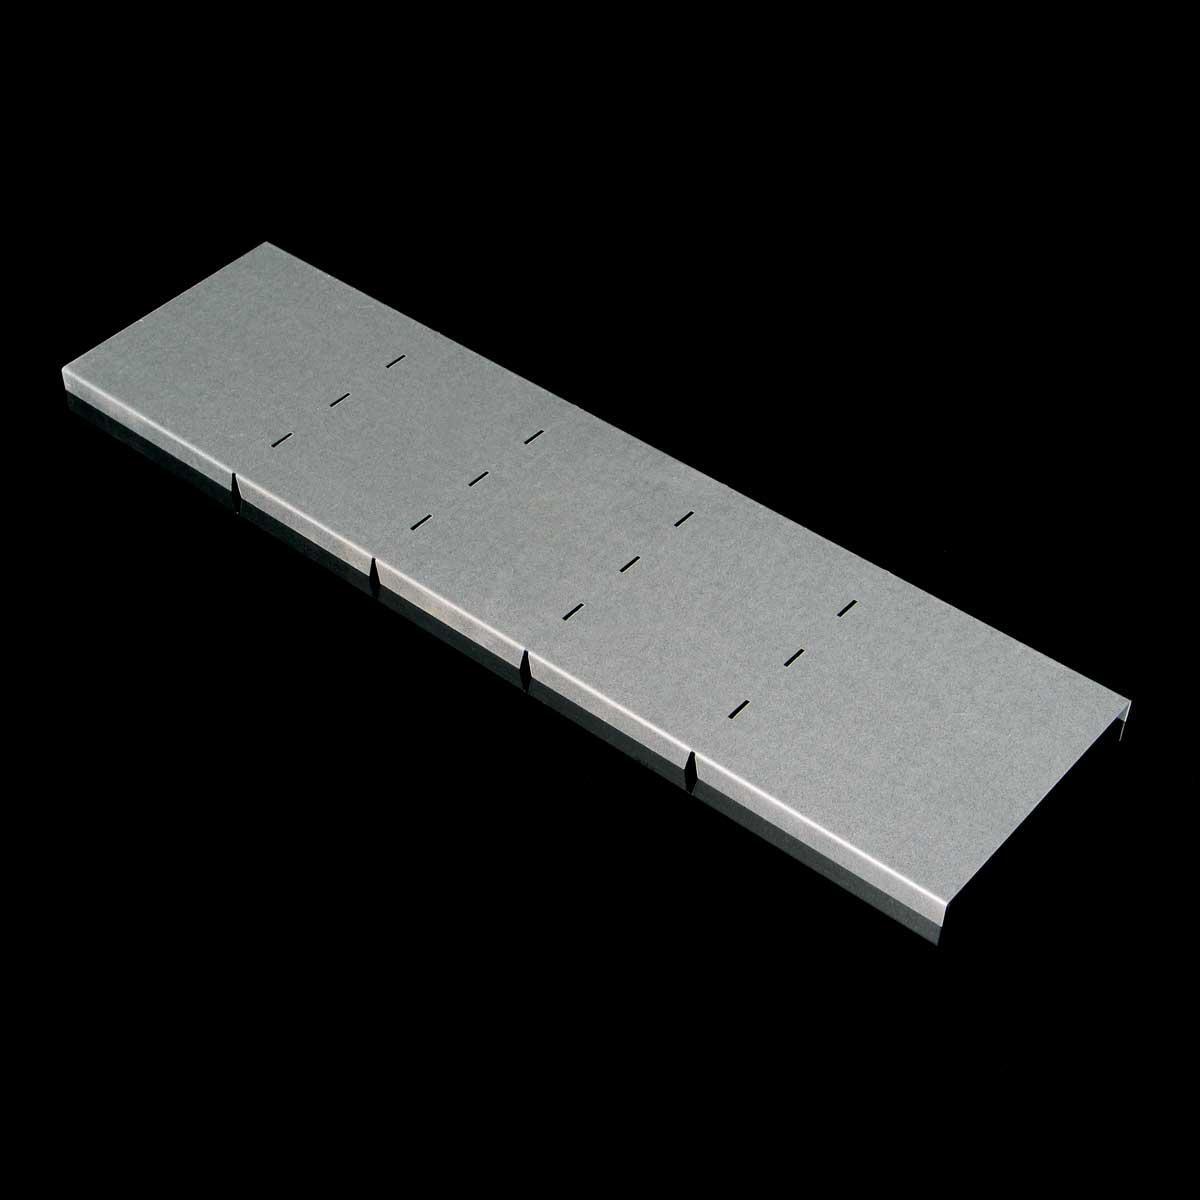 Кришка вертикального повороту зовнішнього 90° JUPITER; розміри-110x500x295mm Товщ. метал-1 Вага-1,82кг/м